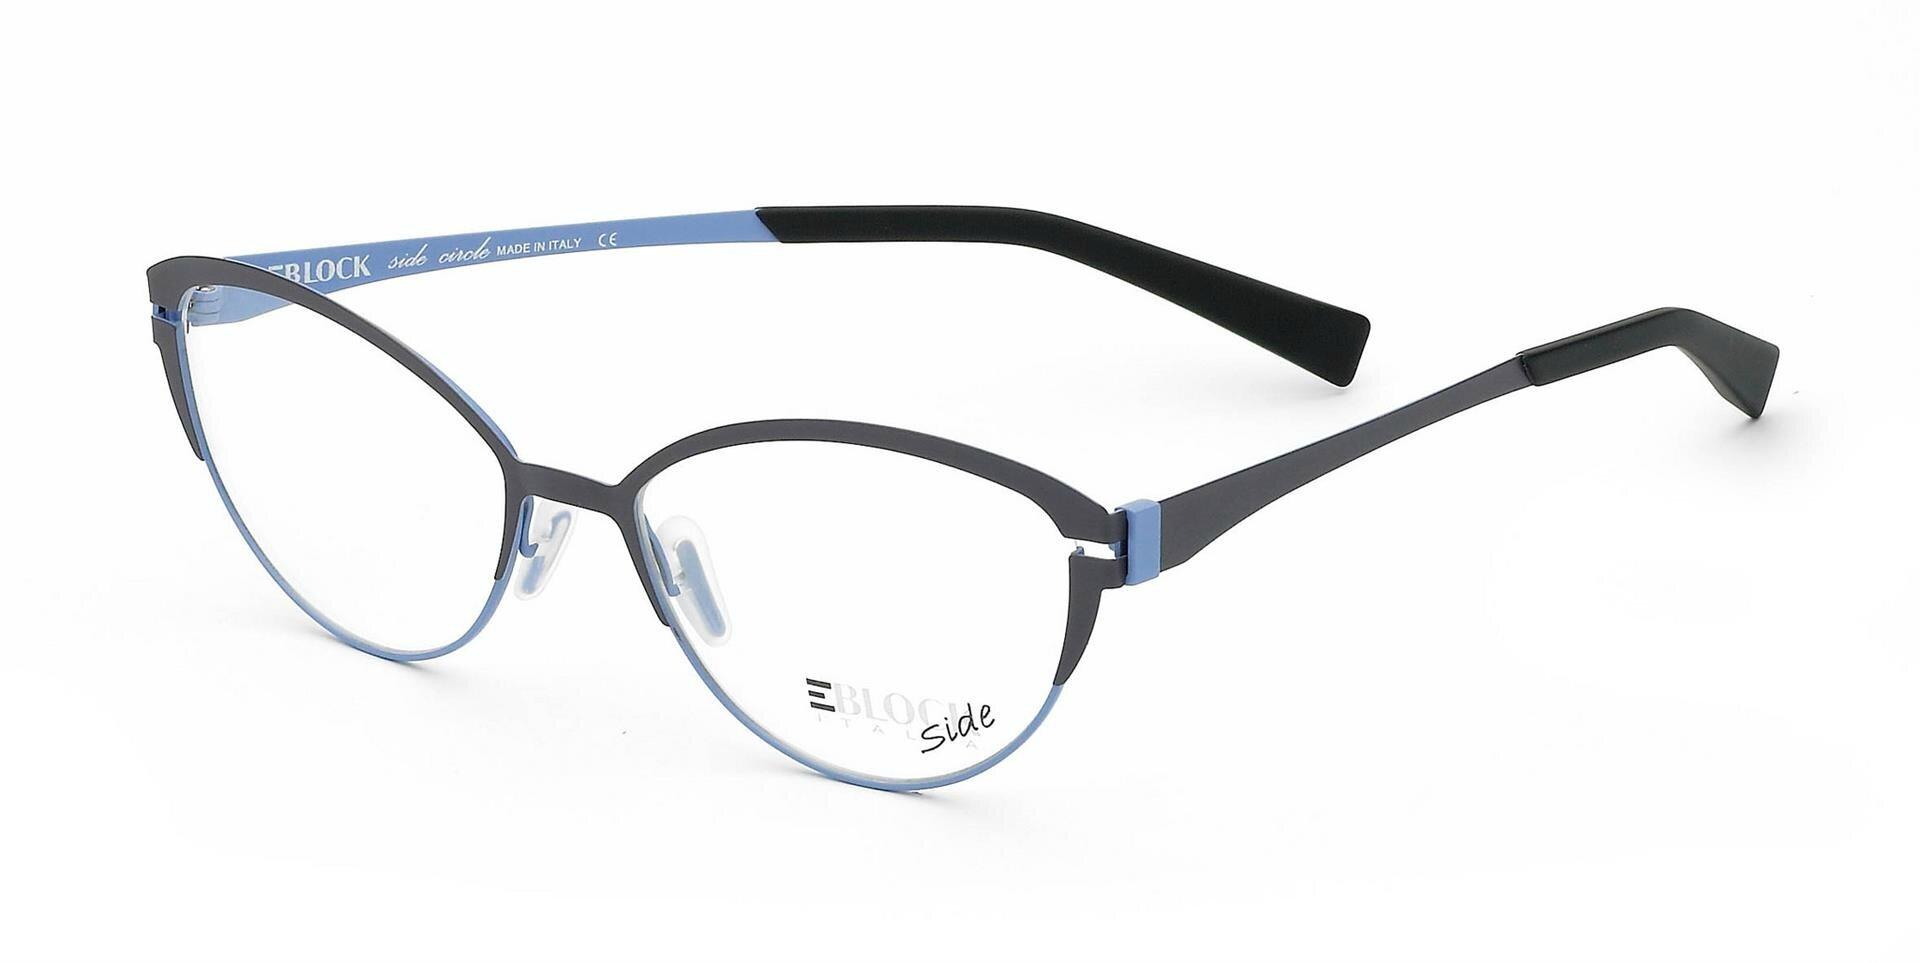 nouvelle collection de lunettes eblock 233 t 233 2017 eblock